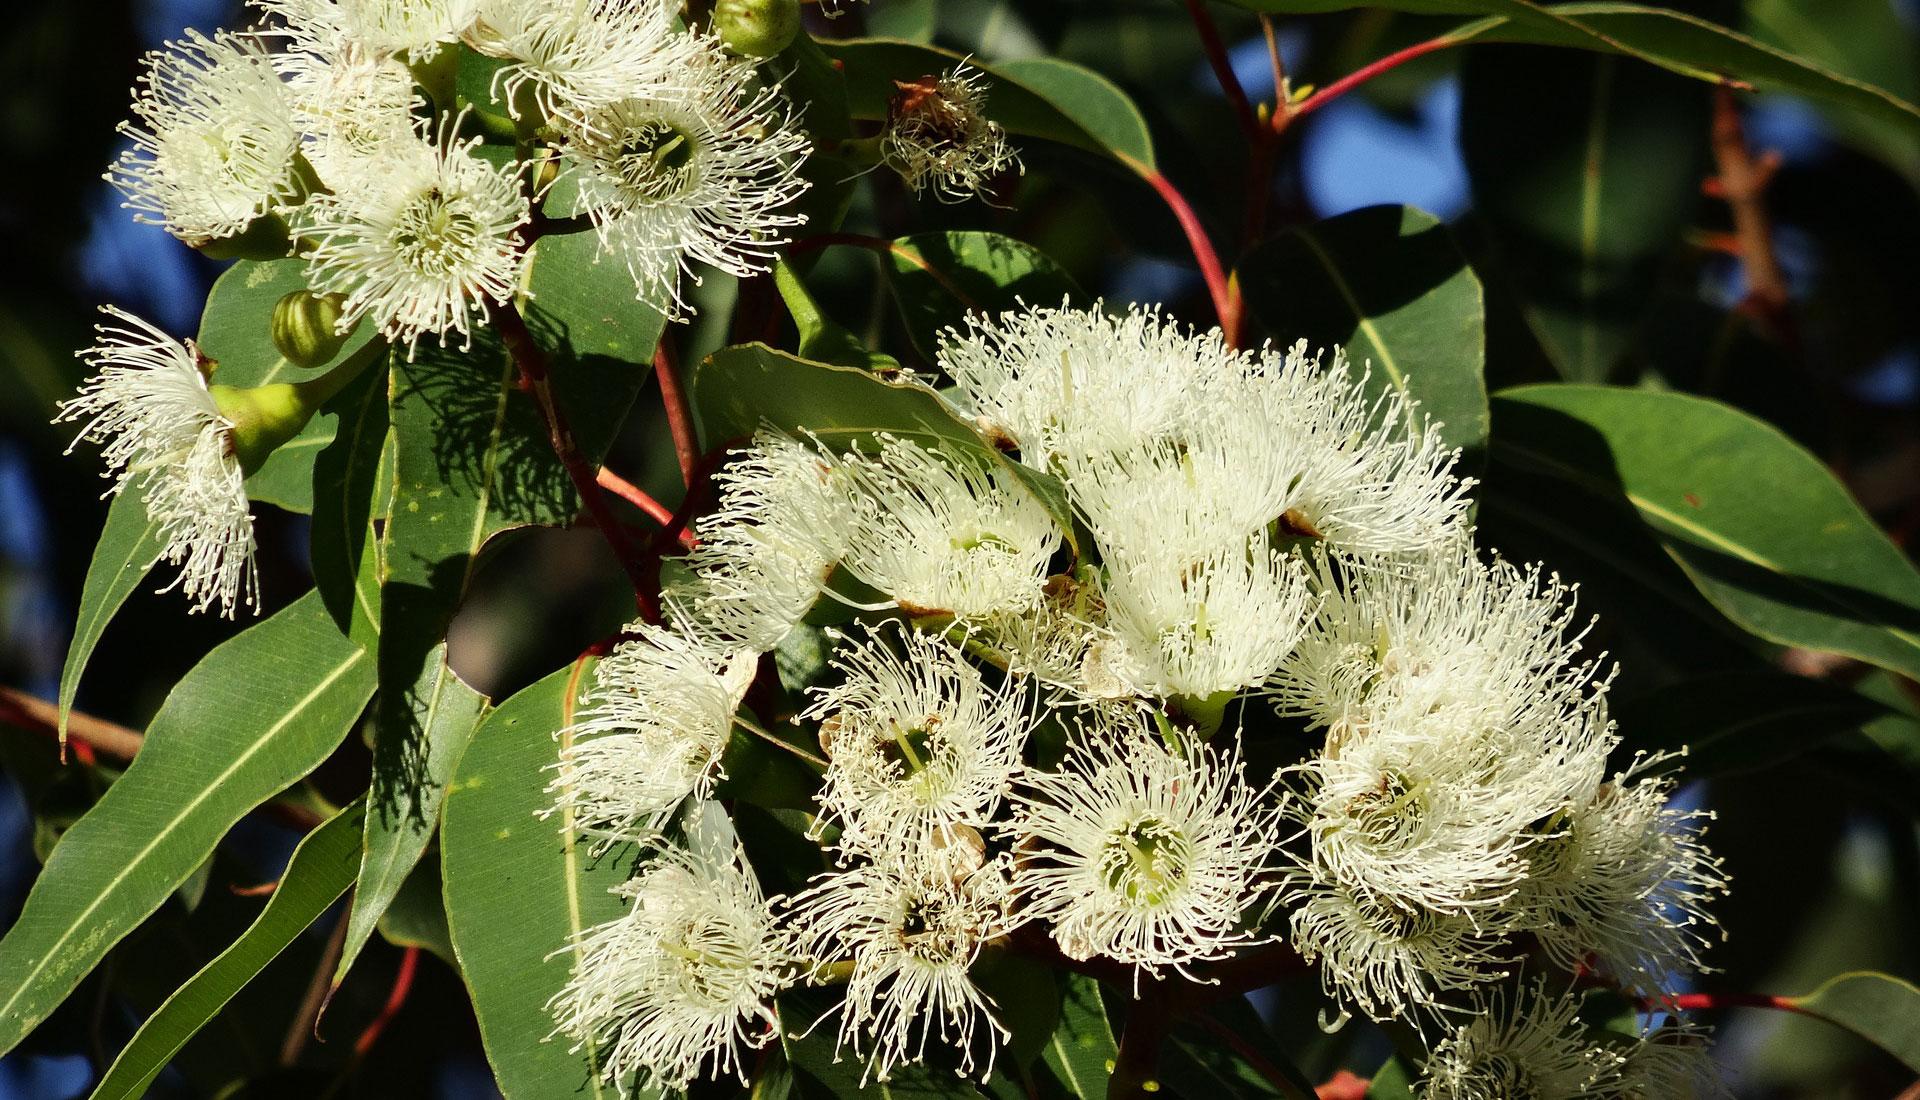 Eucalyptus Planze in voller Blüte zur Herstellung von ätherischem Öl